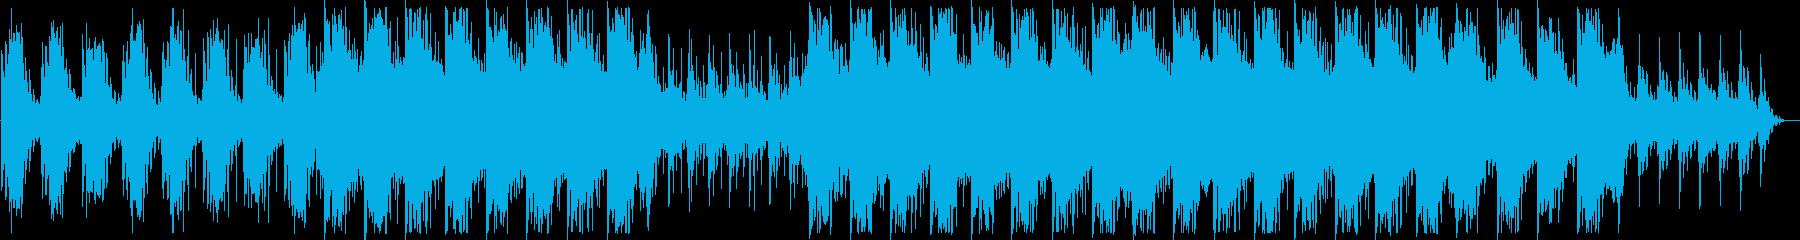 幻想的でダークなBGM ショートメロ無しの再生済みの波形